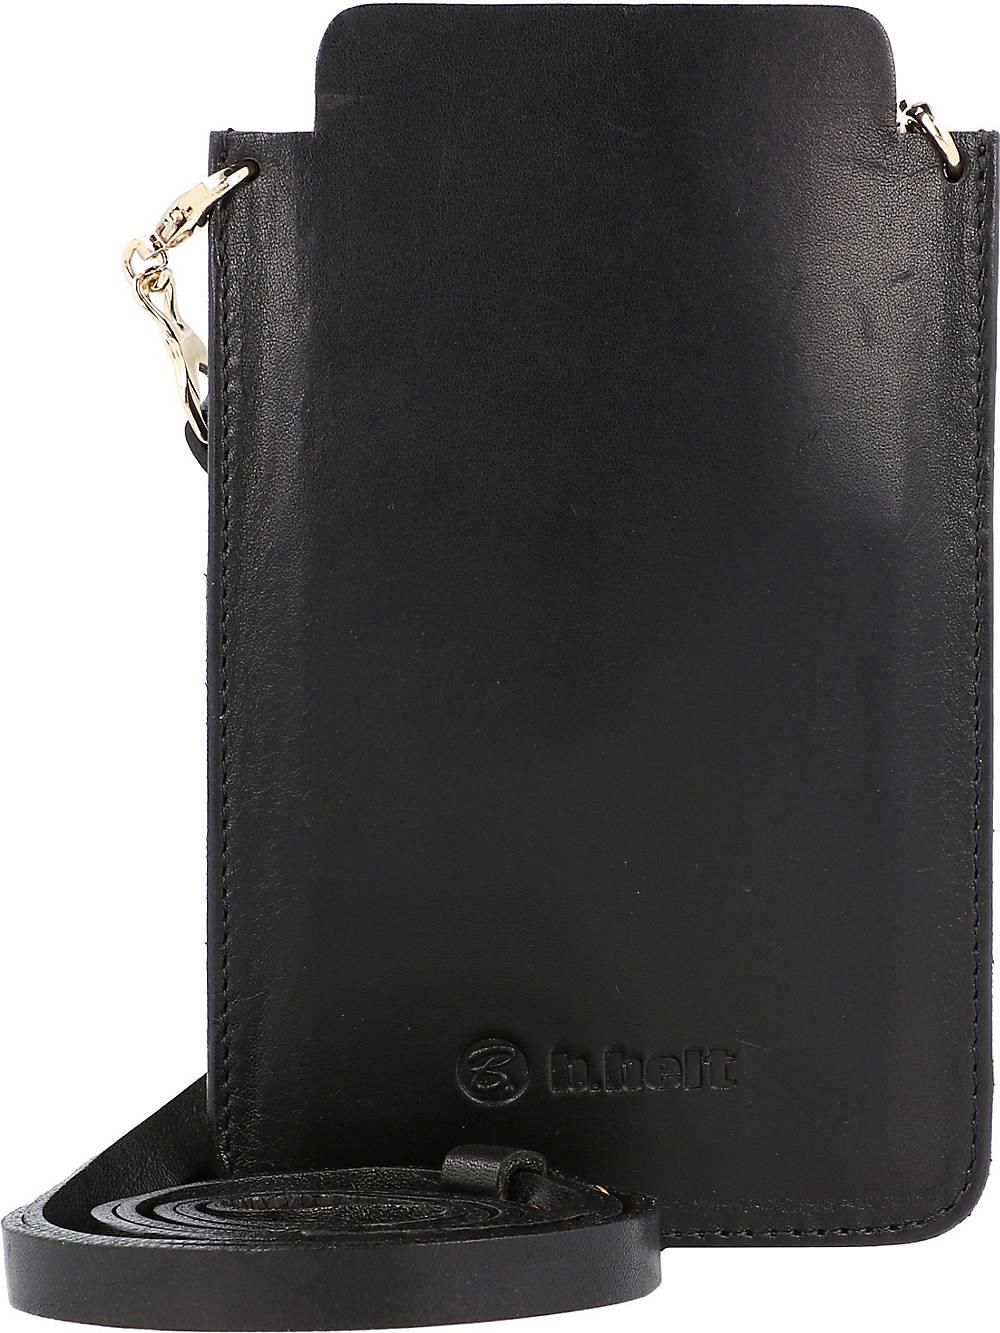 b.belt, Handytasche Leder 10 Cm in schwarz, Handyhüllen & Zubehör für Damen